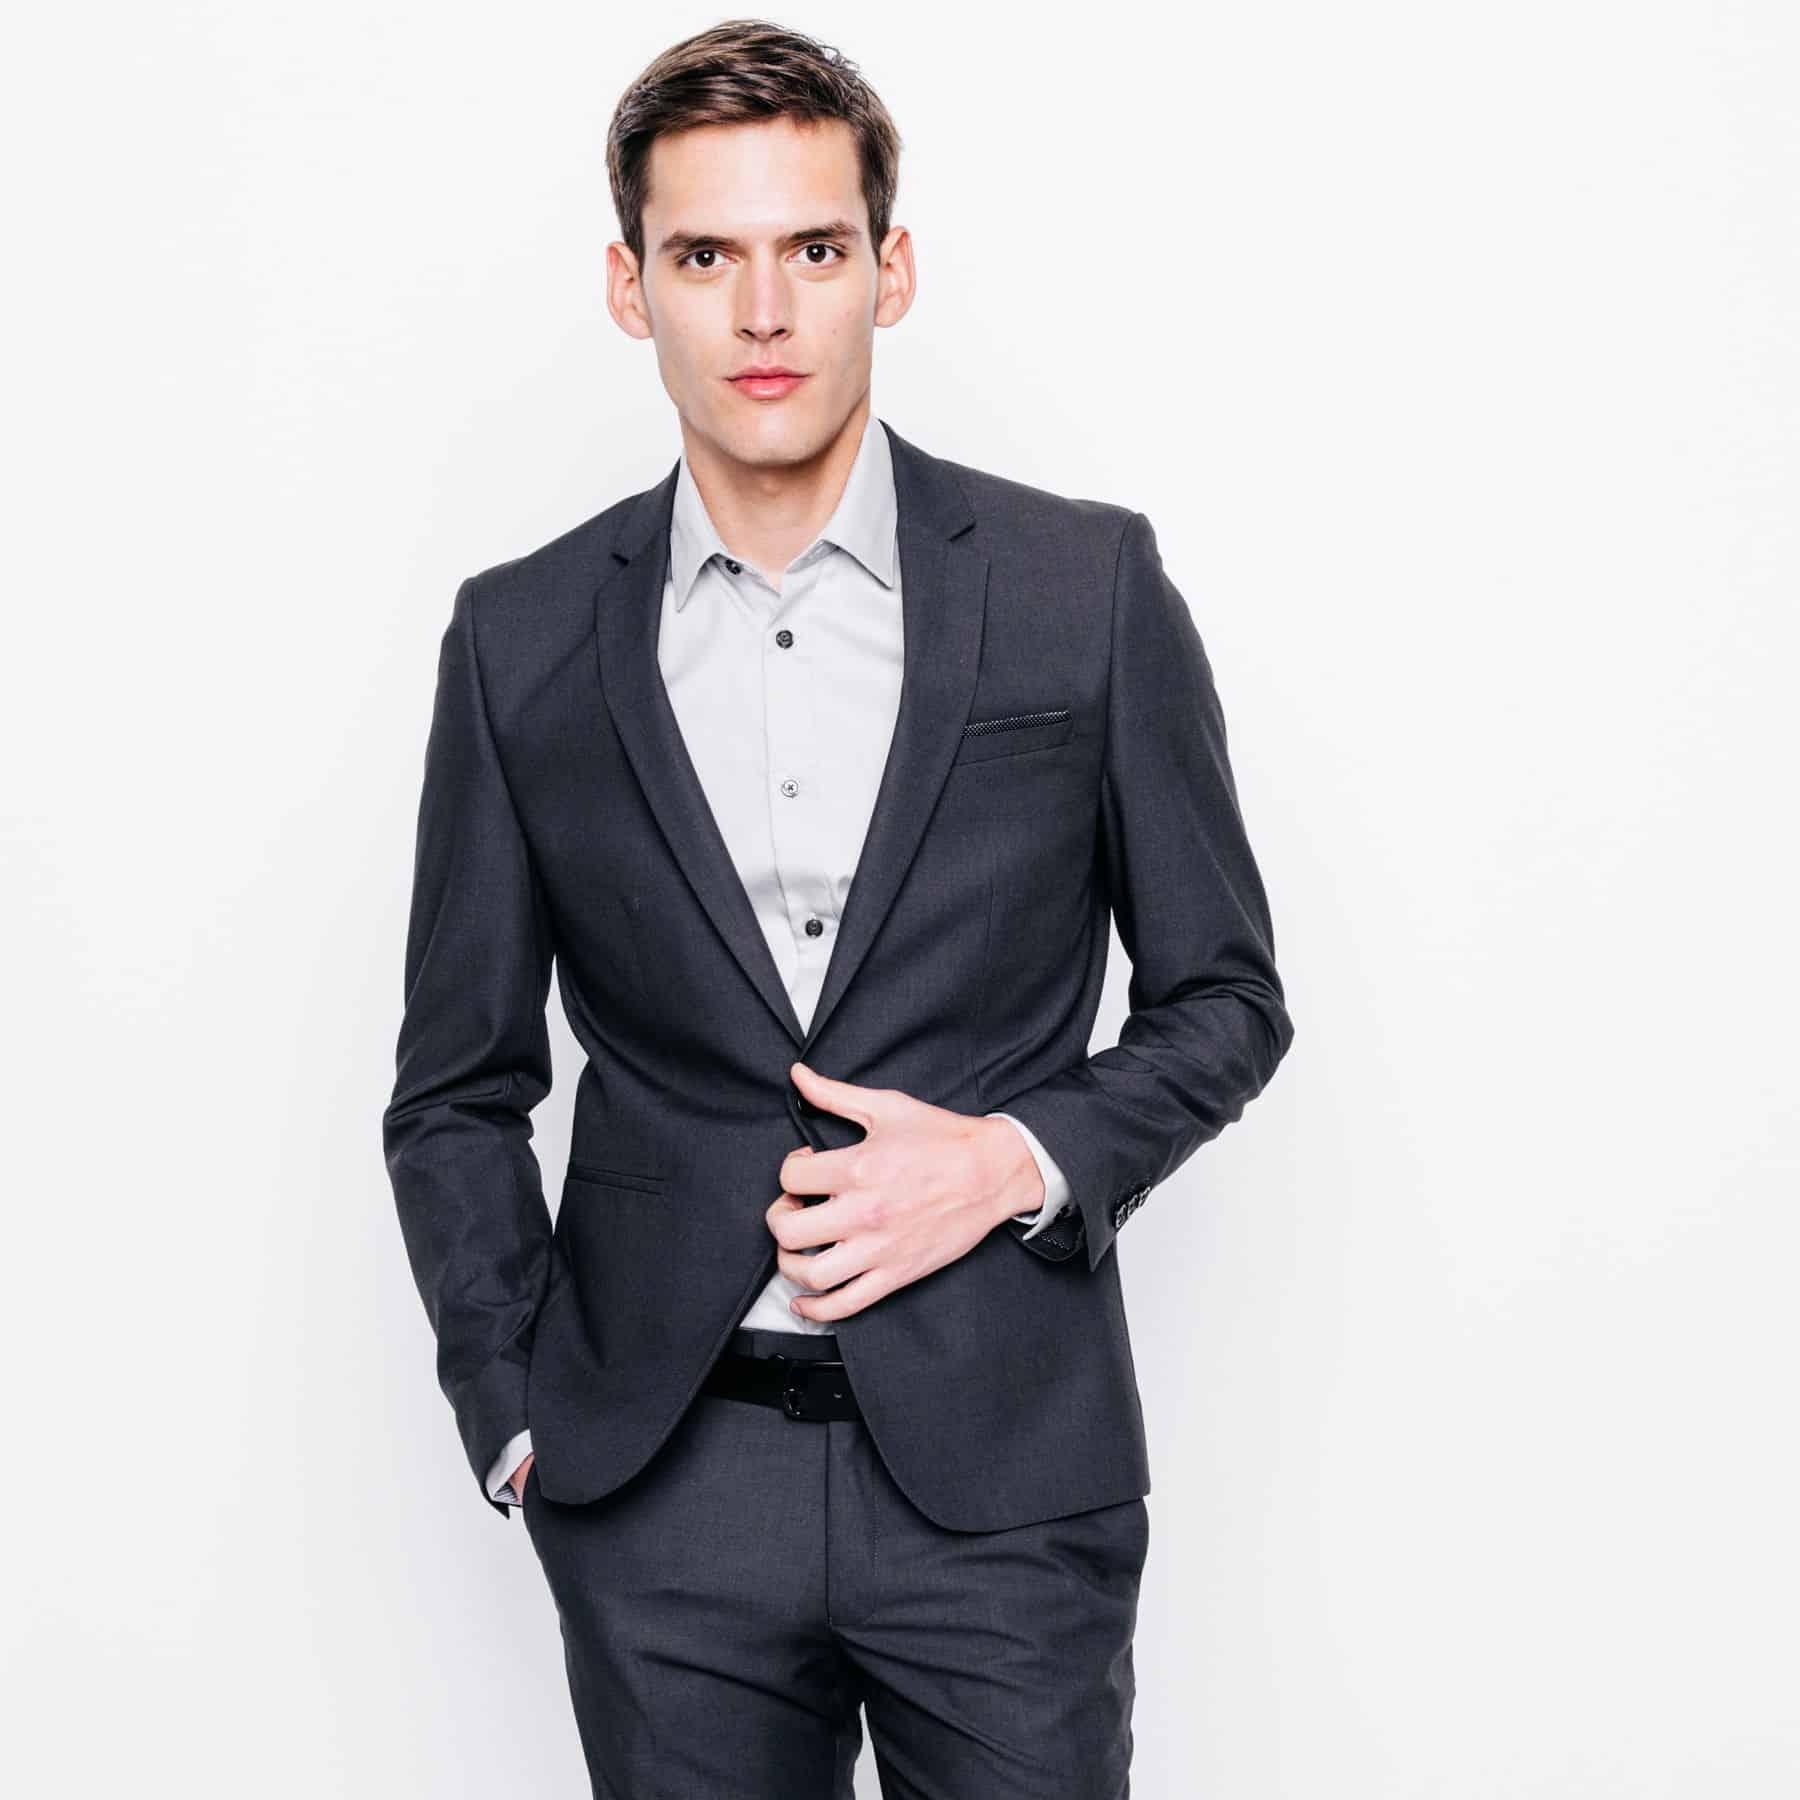 veste de costume homme j 39 ai une style bcbg. Black Bedroom Furniture Sets. Home Design Ideas